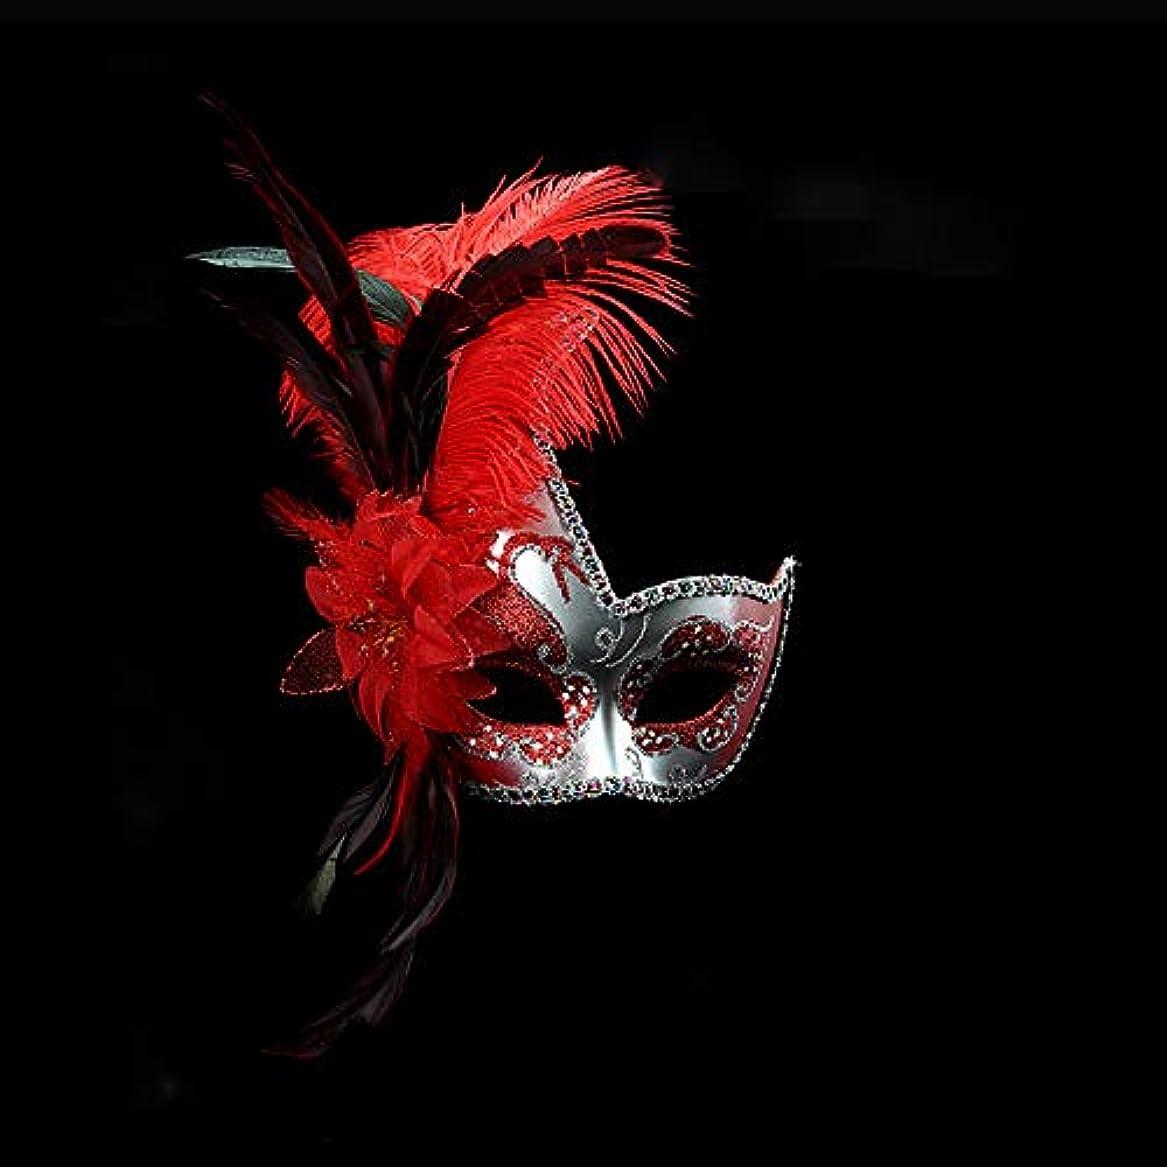 法医学増幅器ガレージNanle ハロウィンマスクハーフフェザーマスクベニスプリンセスマスク美容レース仮面ライダーコスプレ (色 : Red)